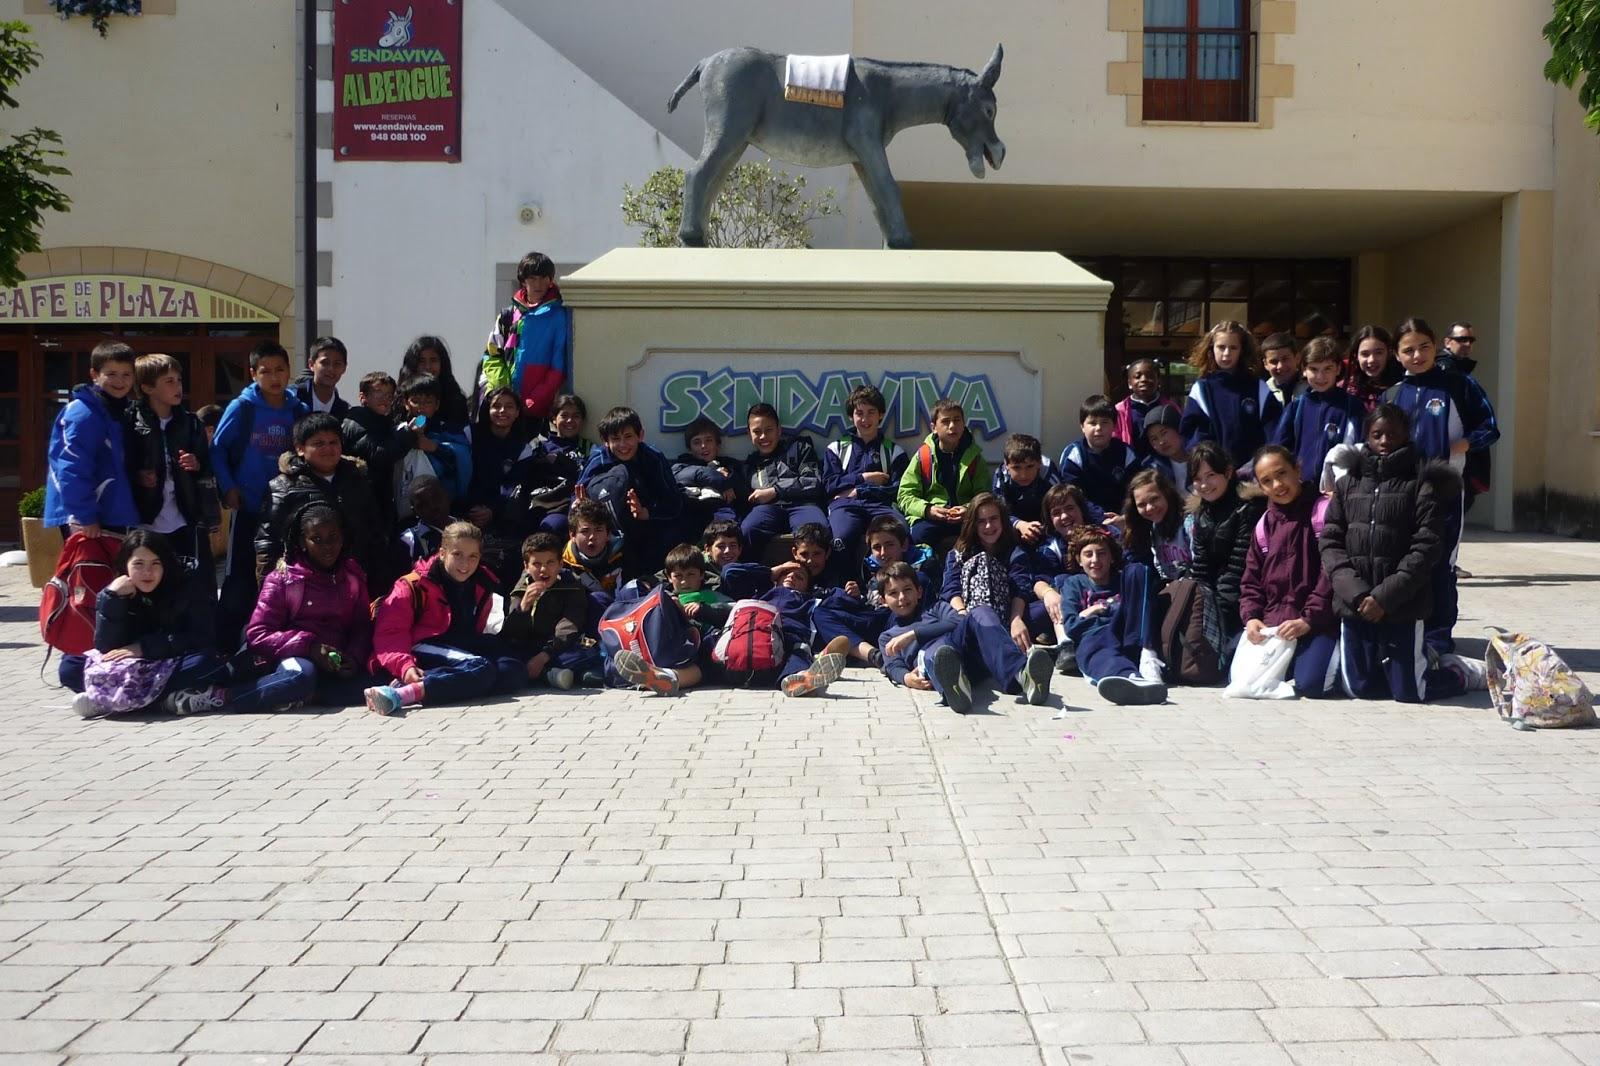 Colegio amor de dios burlada mayo 2013 - Colegio amor de dios oviedo ...